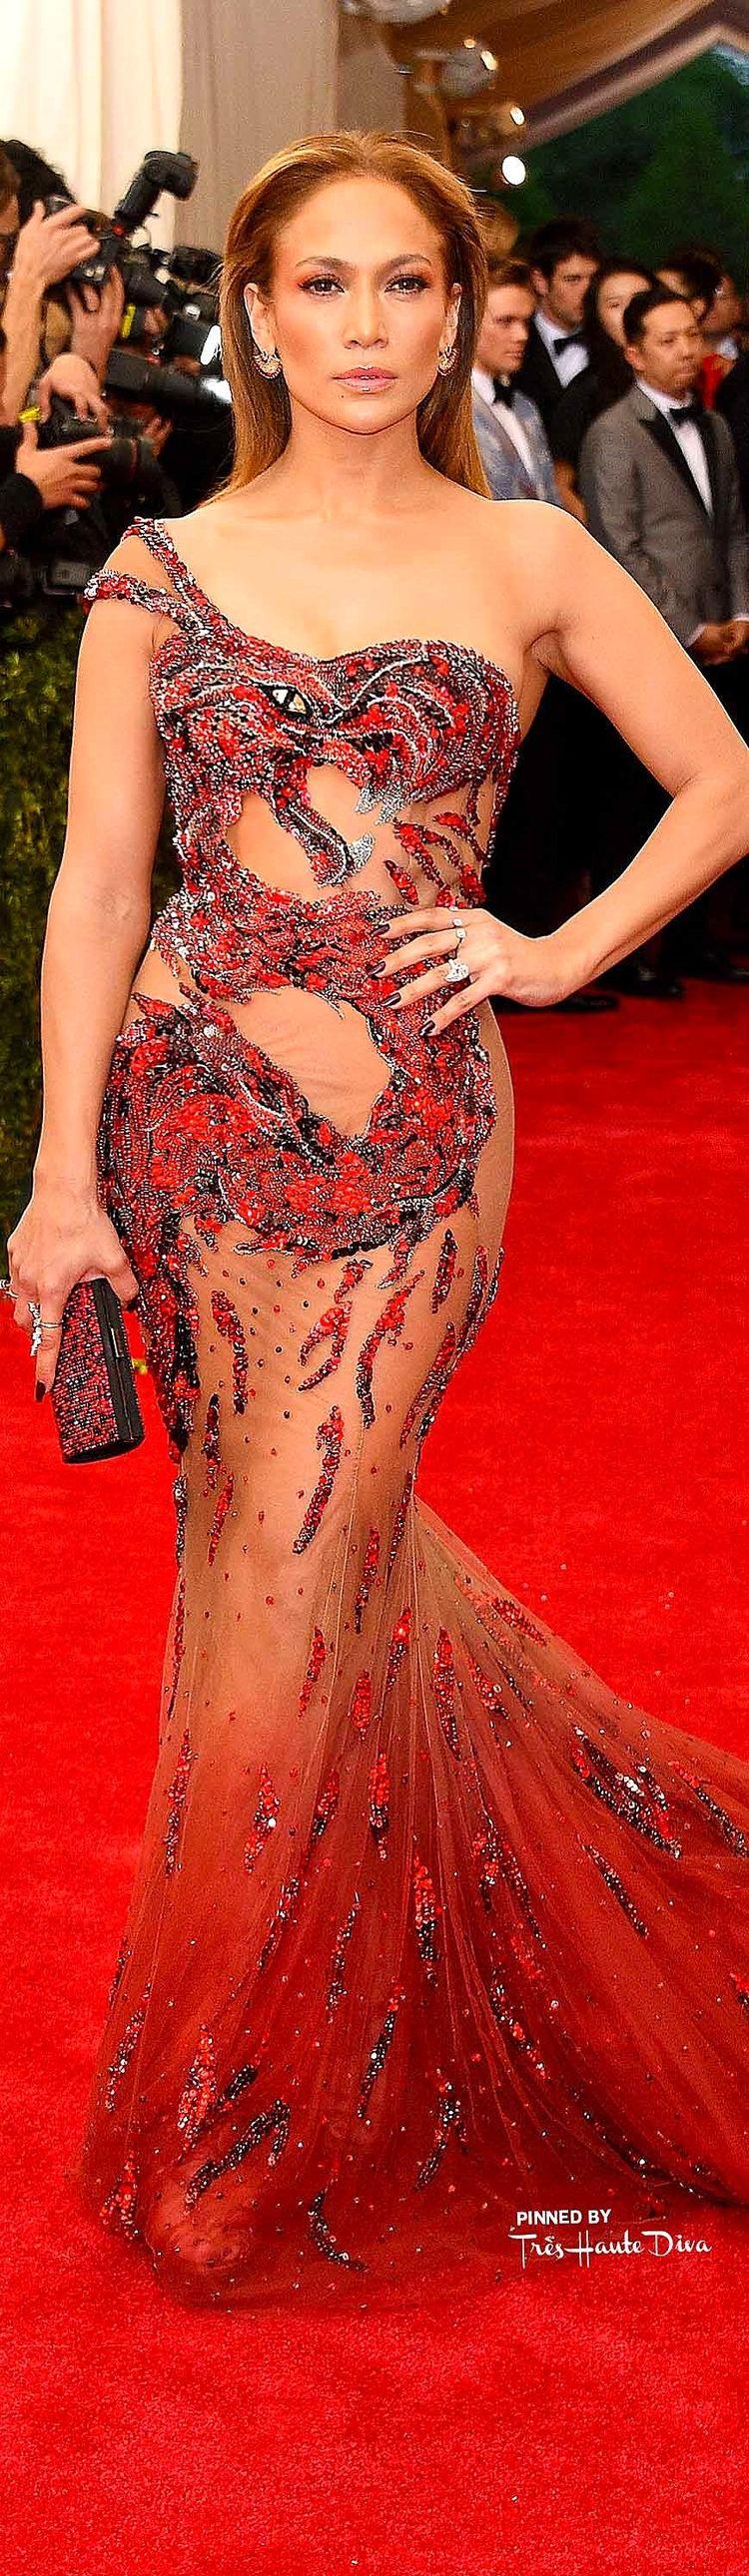 Jennifer Lopez in Versace ♔ Très Haute Diva ♔